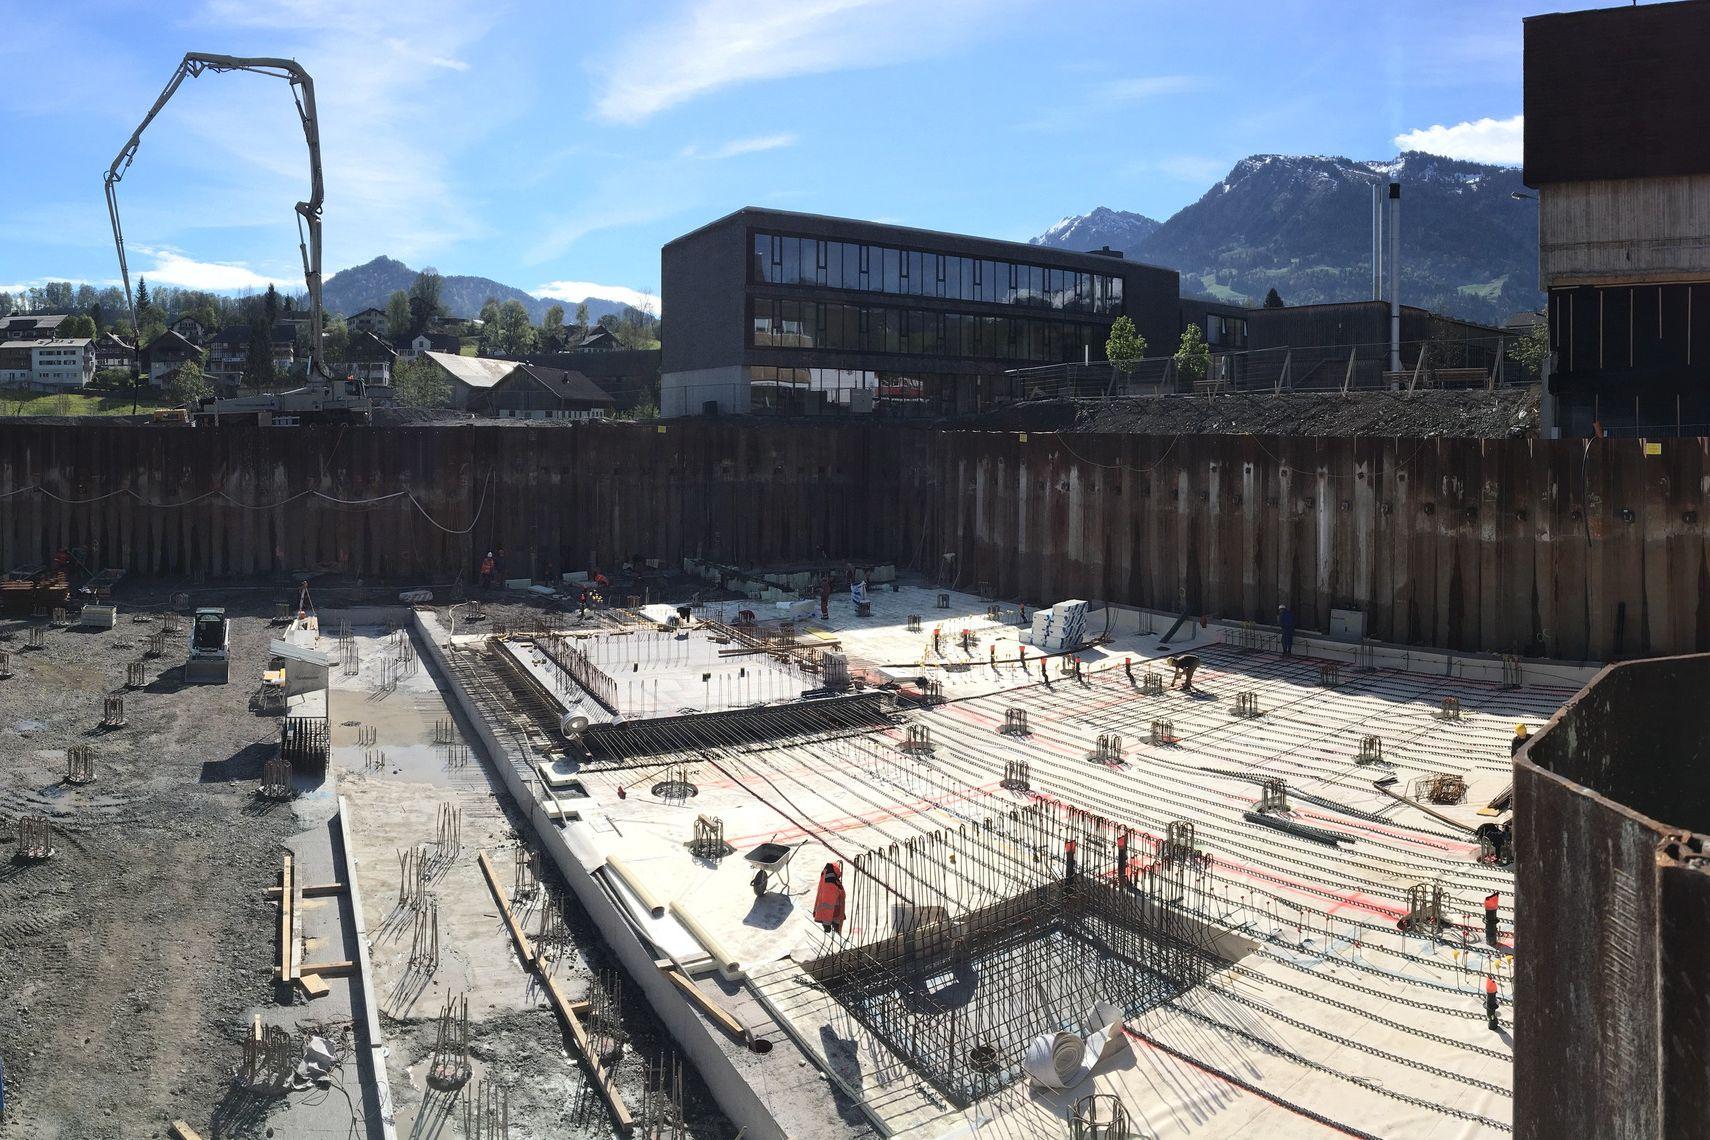 Wo vorher die alte Turnhalle und der Zwischentrakt standen, entsteht ein Schulgebäude mit einer Bruttogeschoßfläche von ~ 8.500 m²